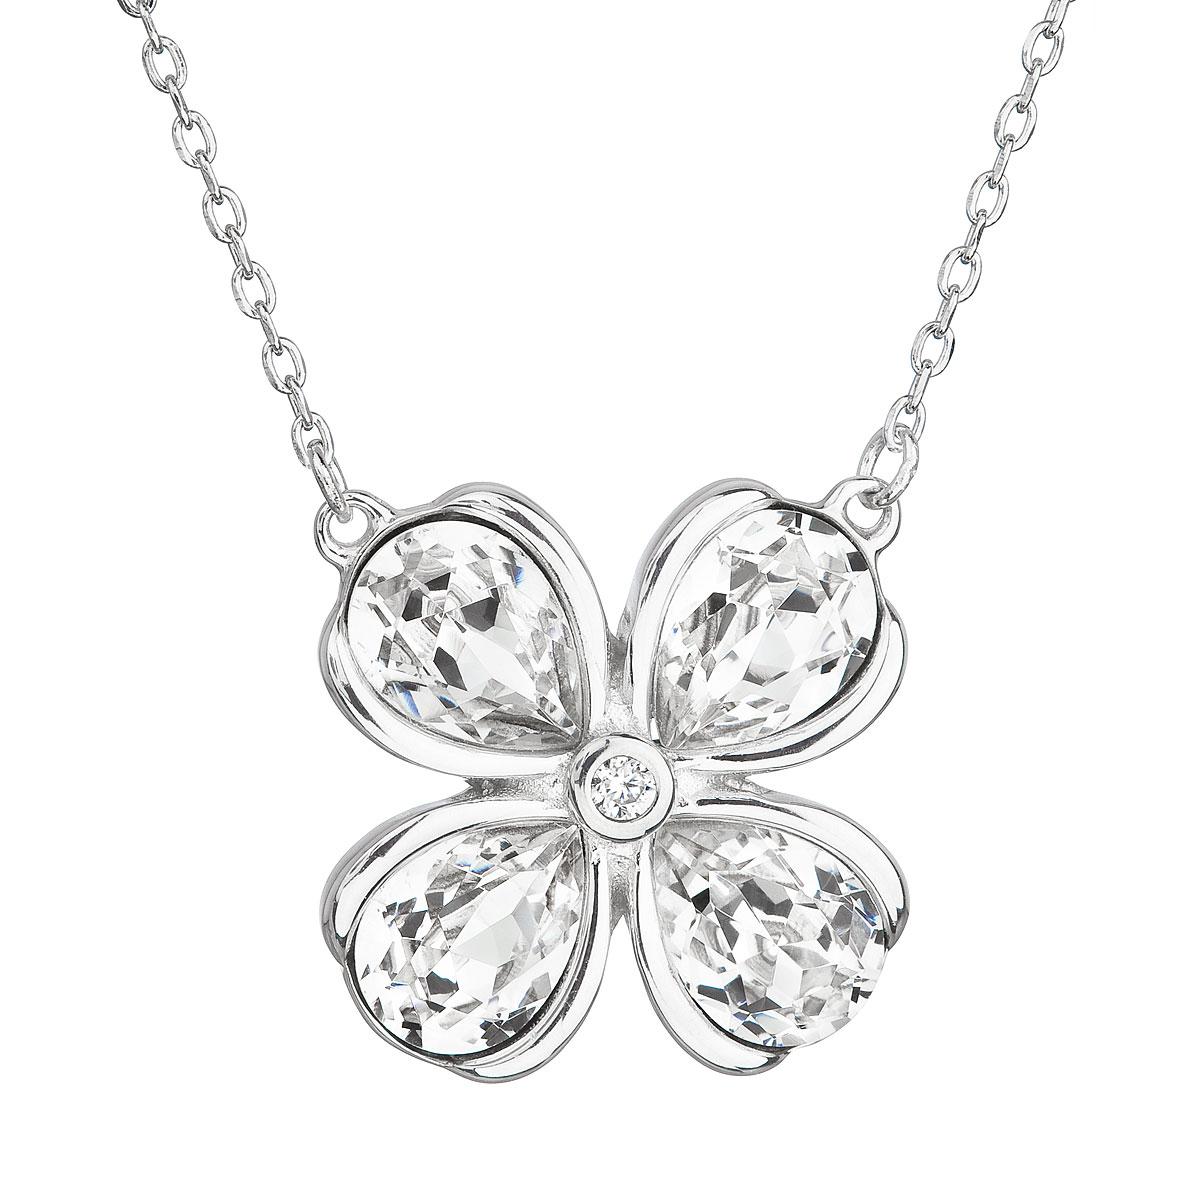 Strieborný náhrdelník s krištáľmi Swarovski biela kytička 32066.1